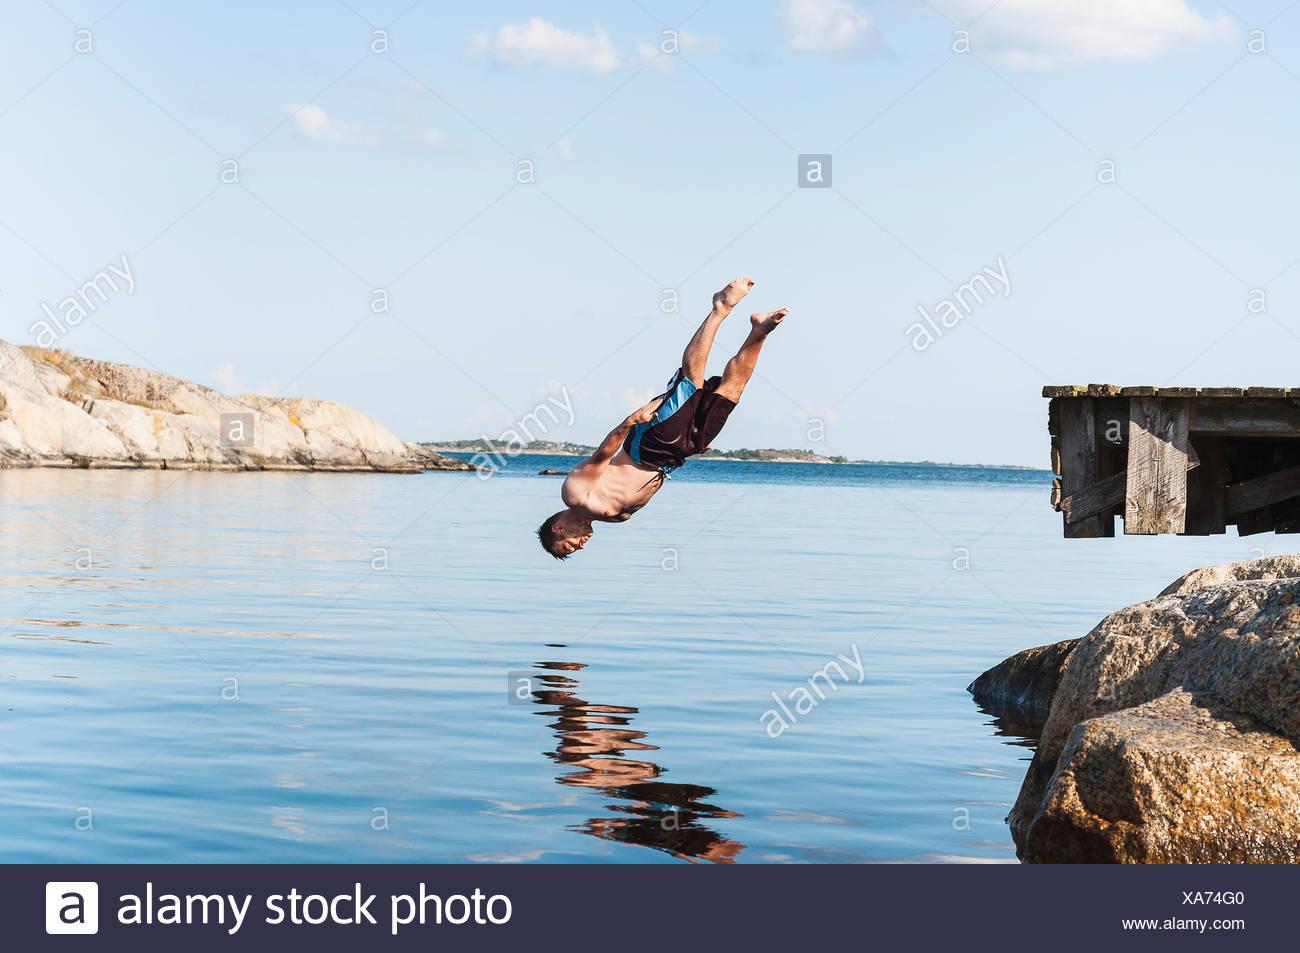 Schweden, Stockholm Archipel, Uppland, Vidinge, Mann springt von der Anlegestelle in See Stockbild